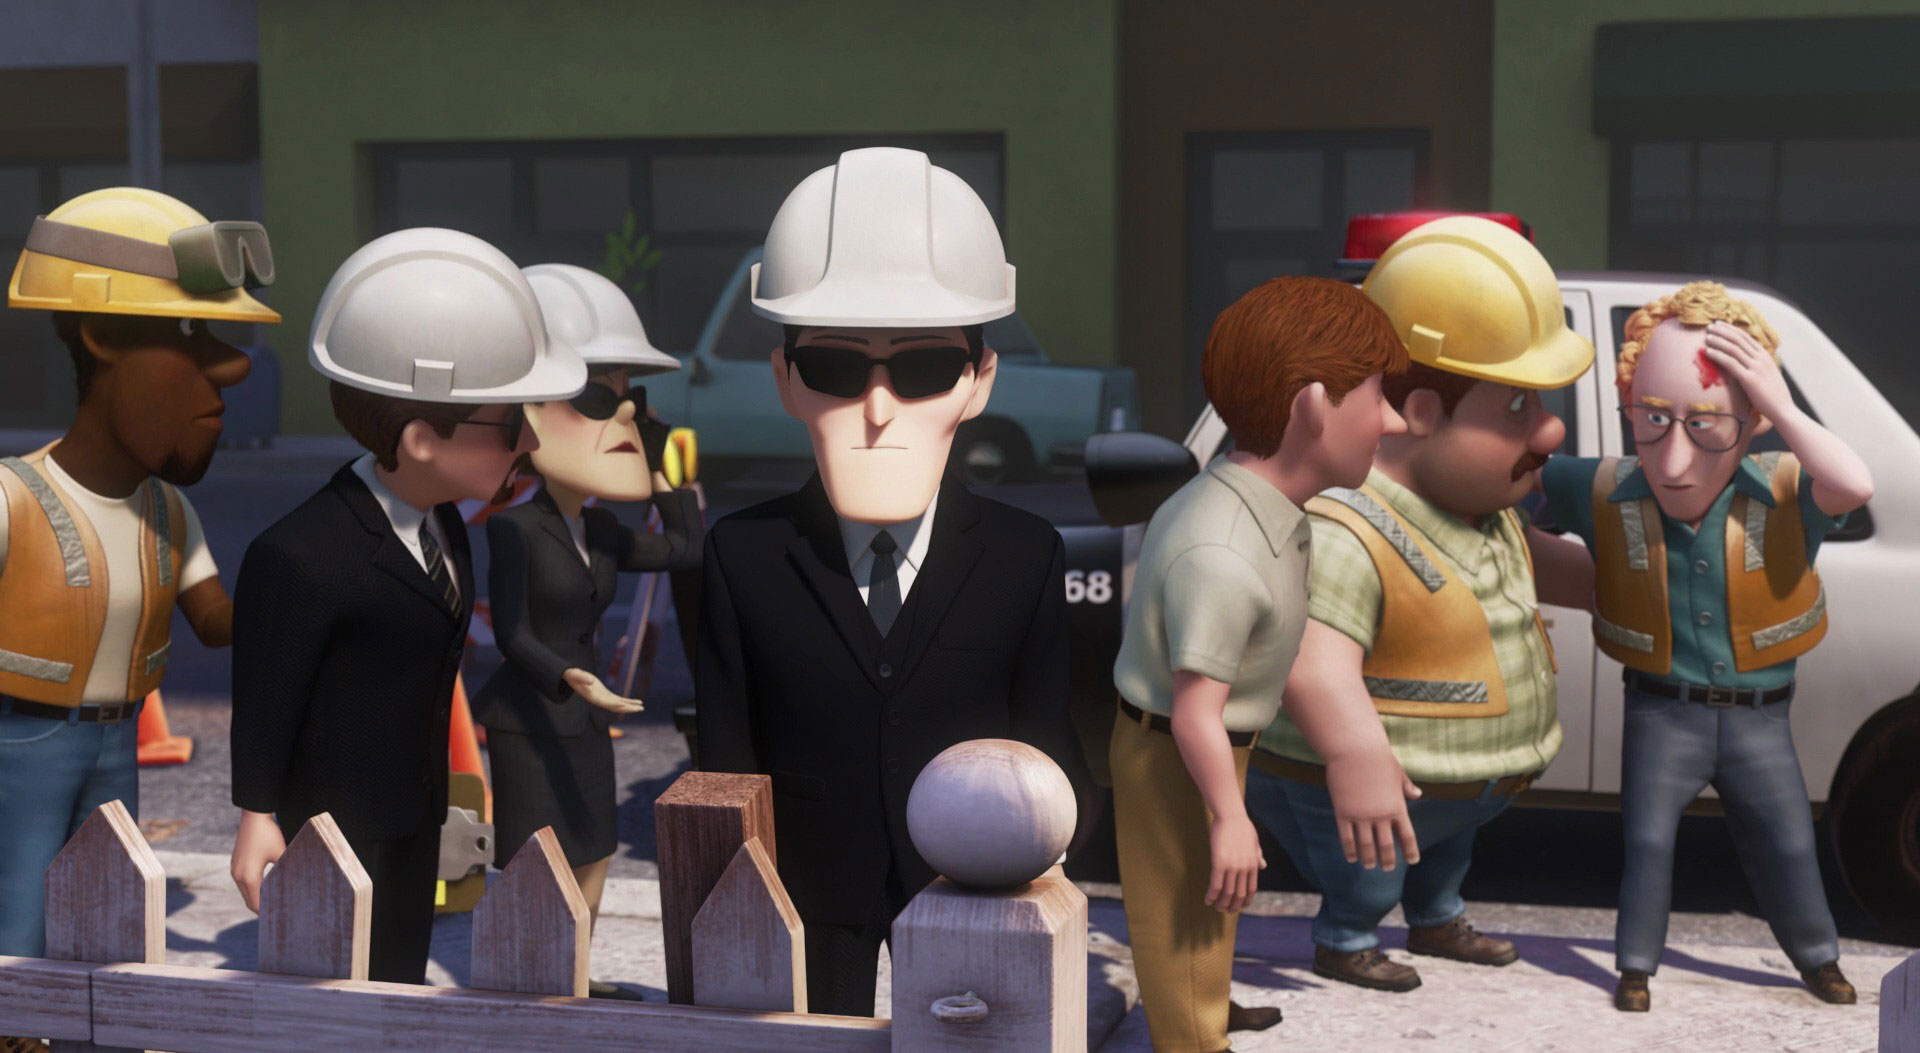 patron-du-chantier-personnage-la-haut-03